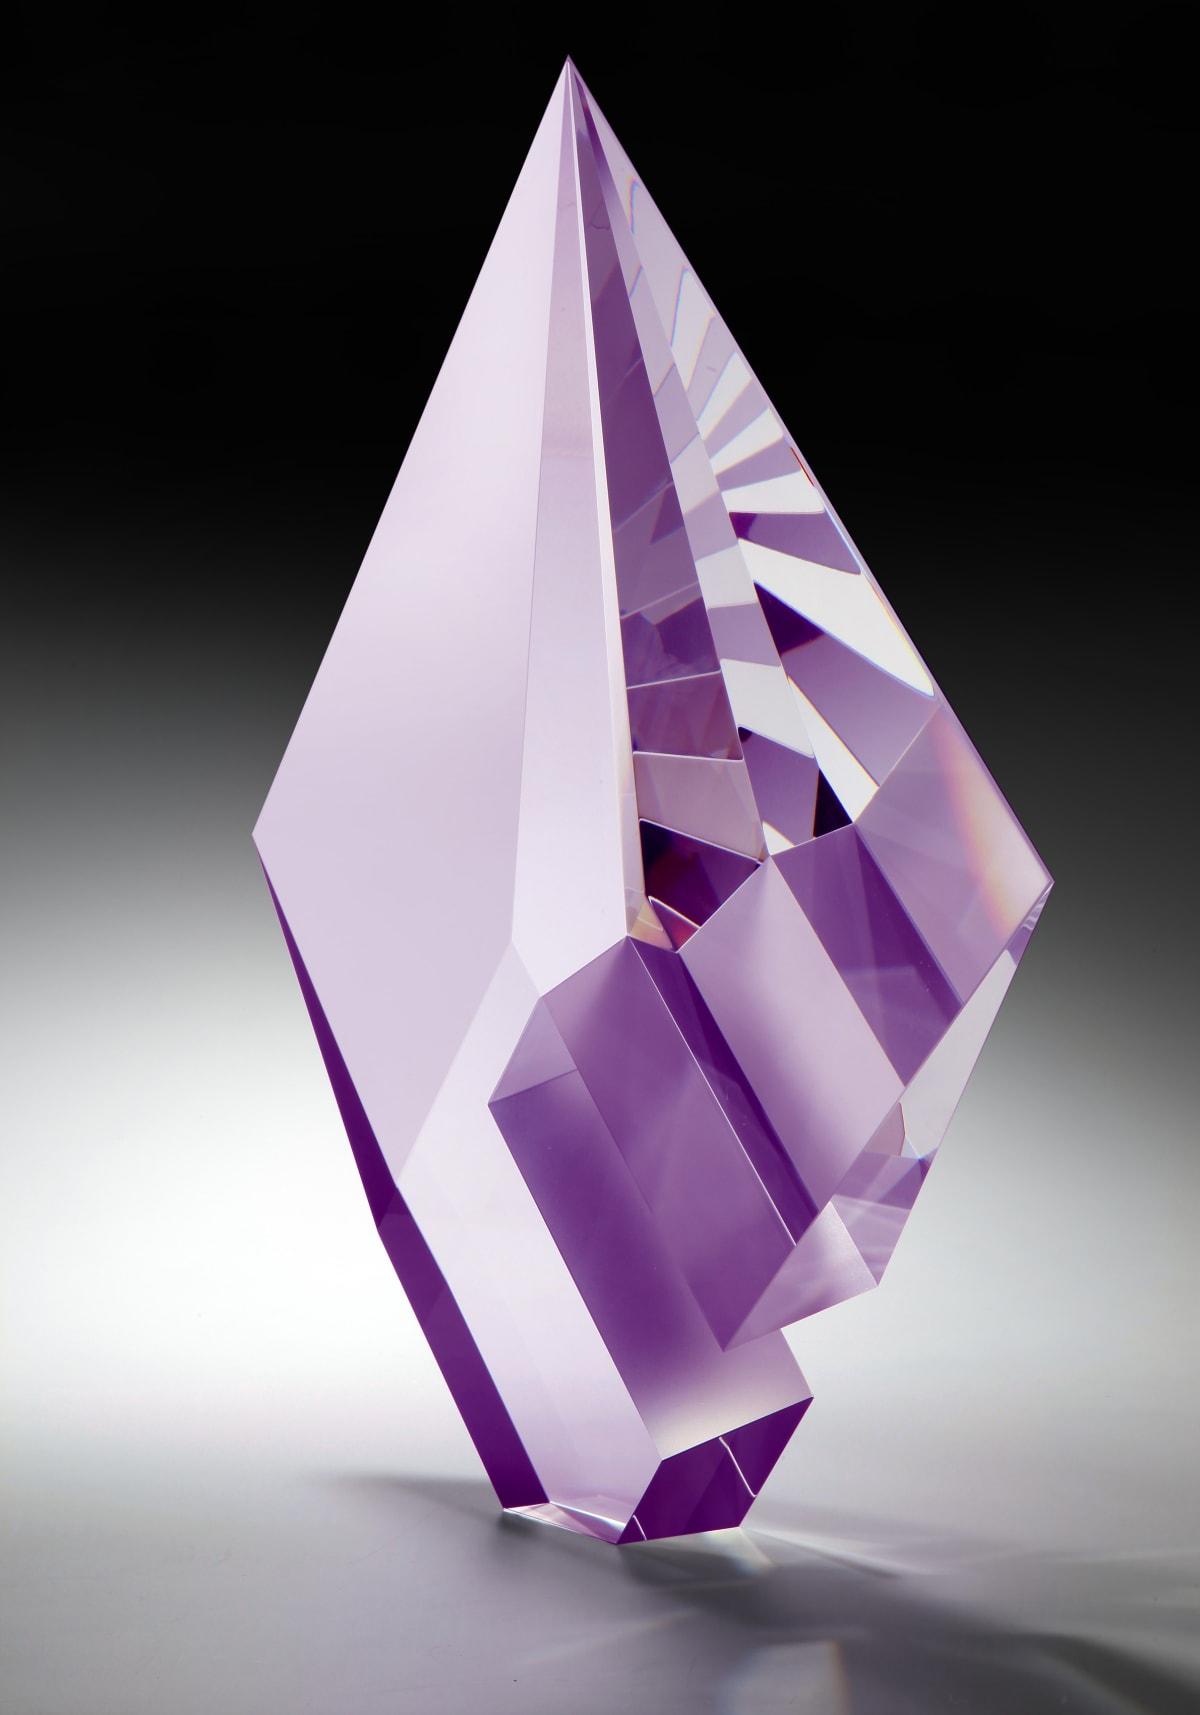 Tomas Brzon, Purple Composition - Large, 2020